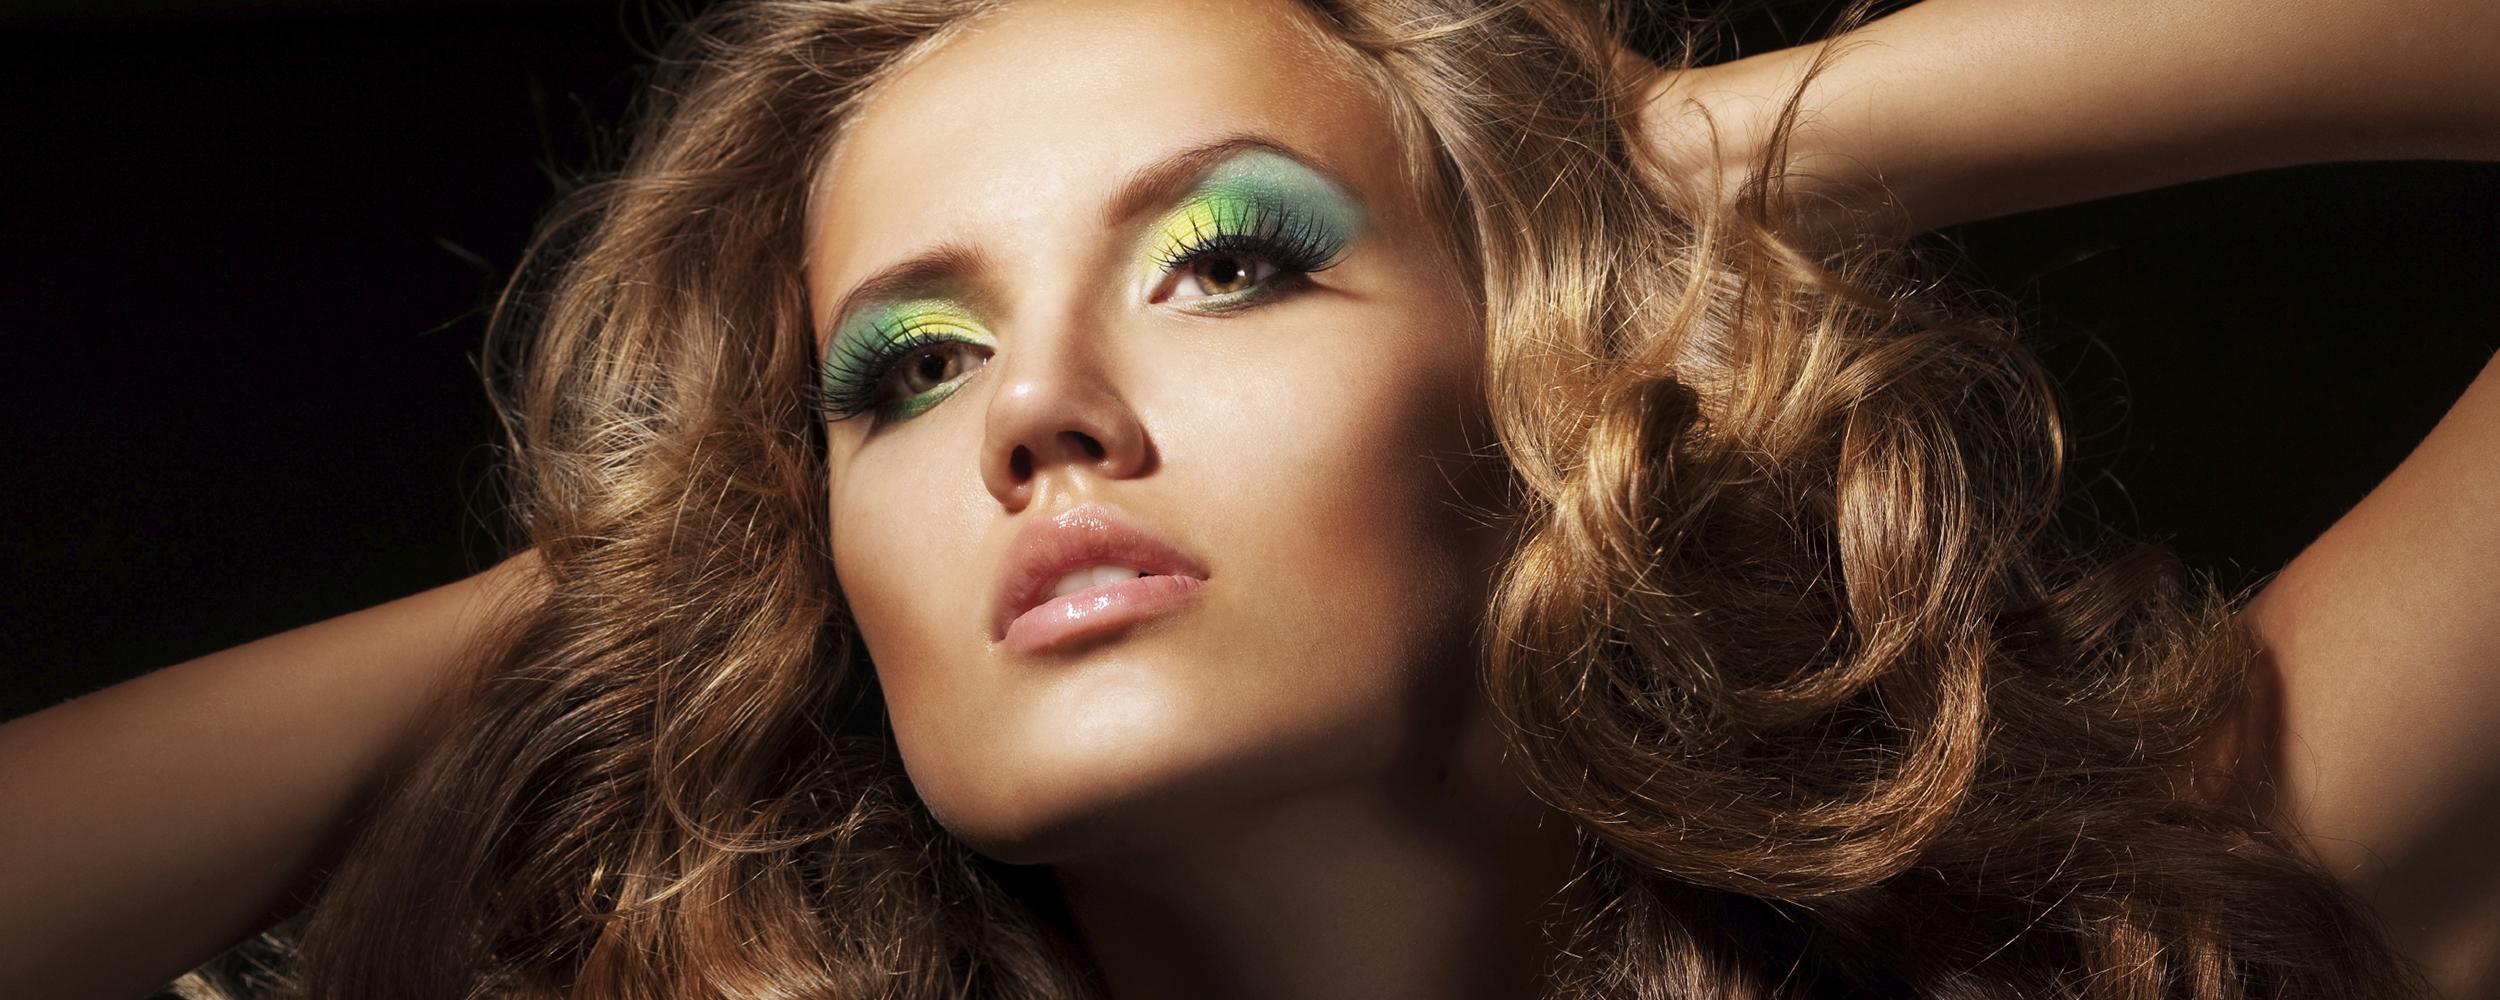 Mooie vrouwen met make-up in Wellfas